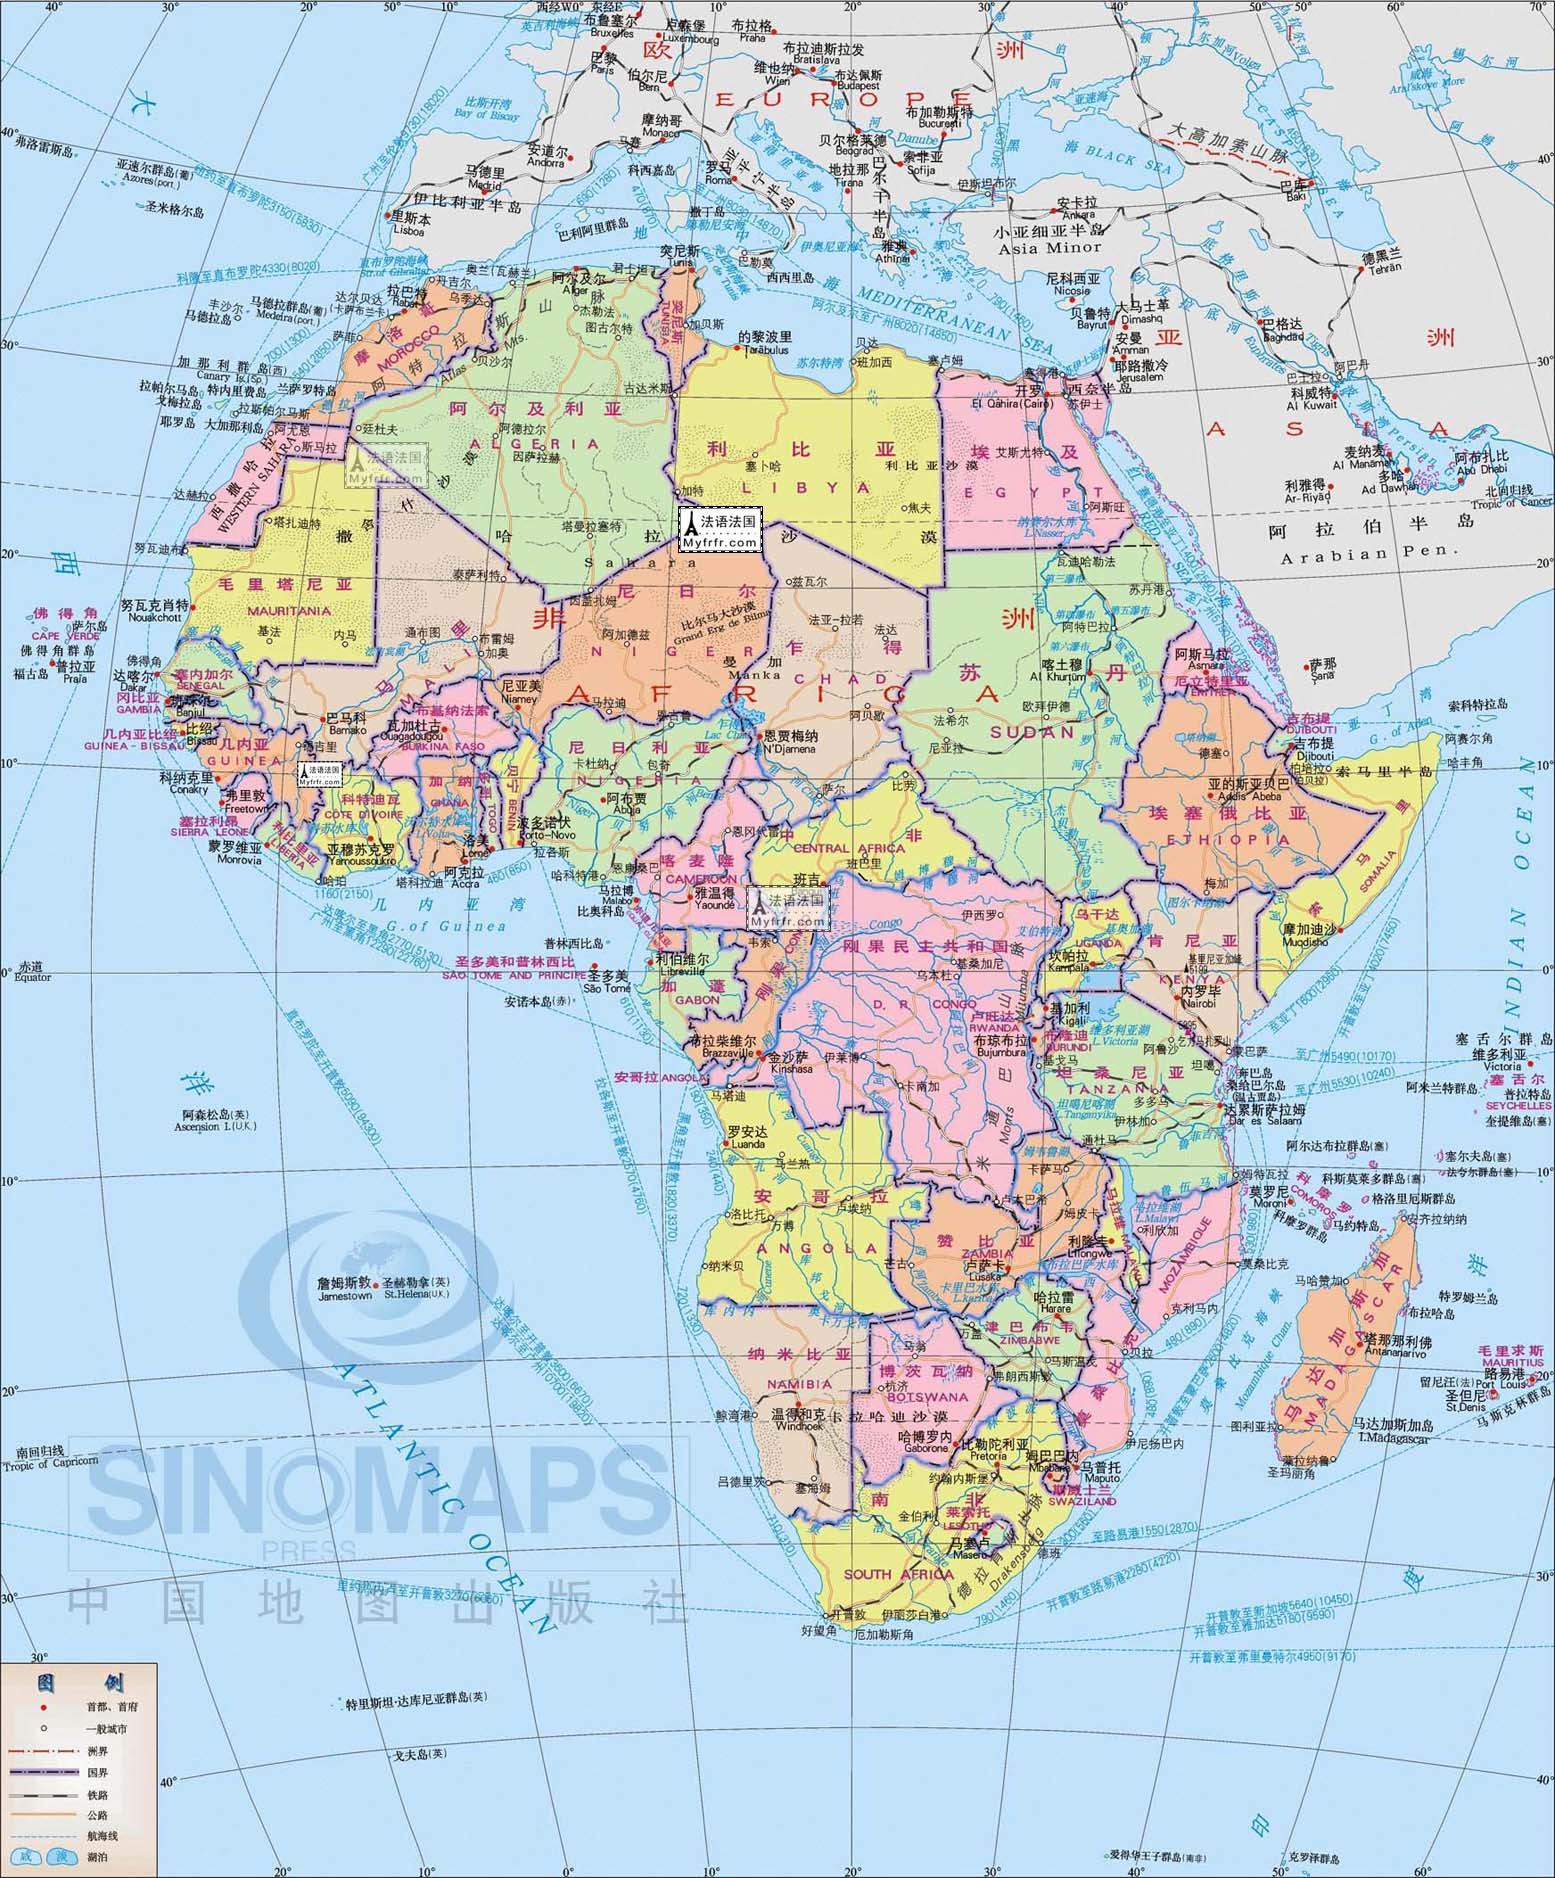 非洲黑人的雨神崇拜